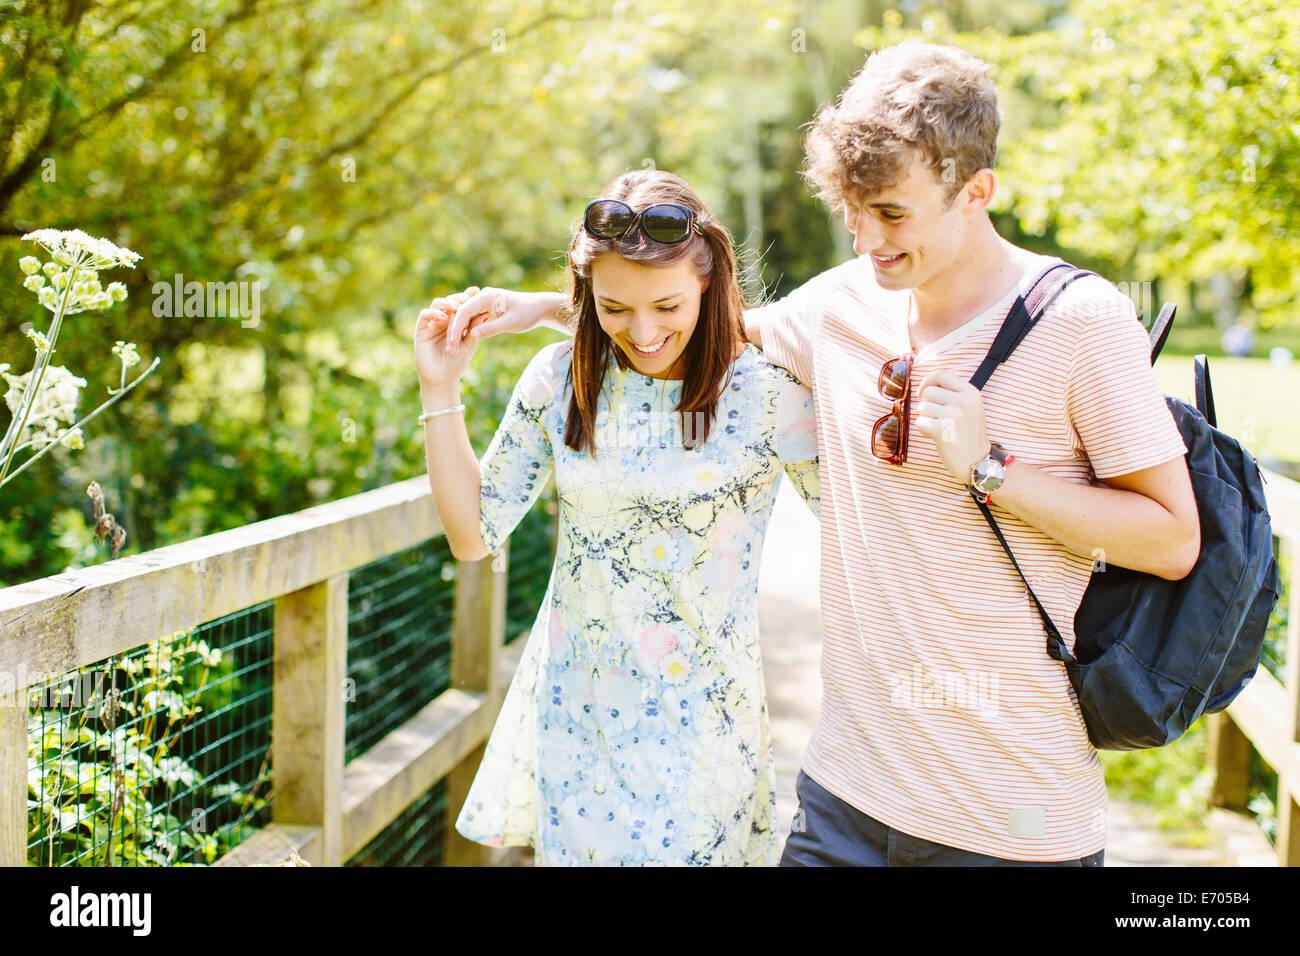 Par de caminar sobre el puente de madera en el parque Foto de stock